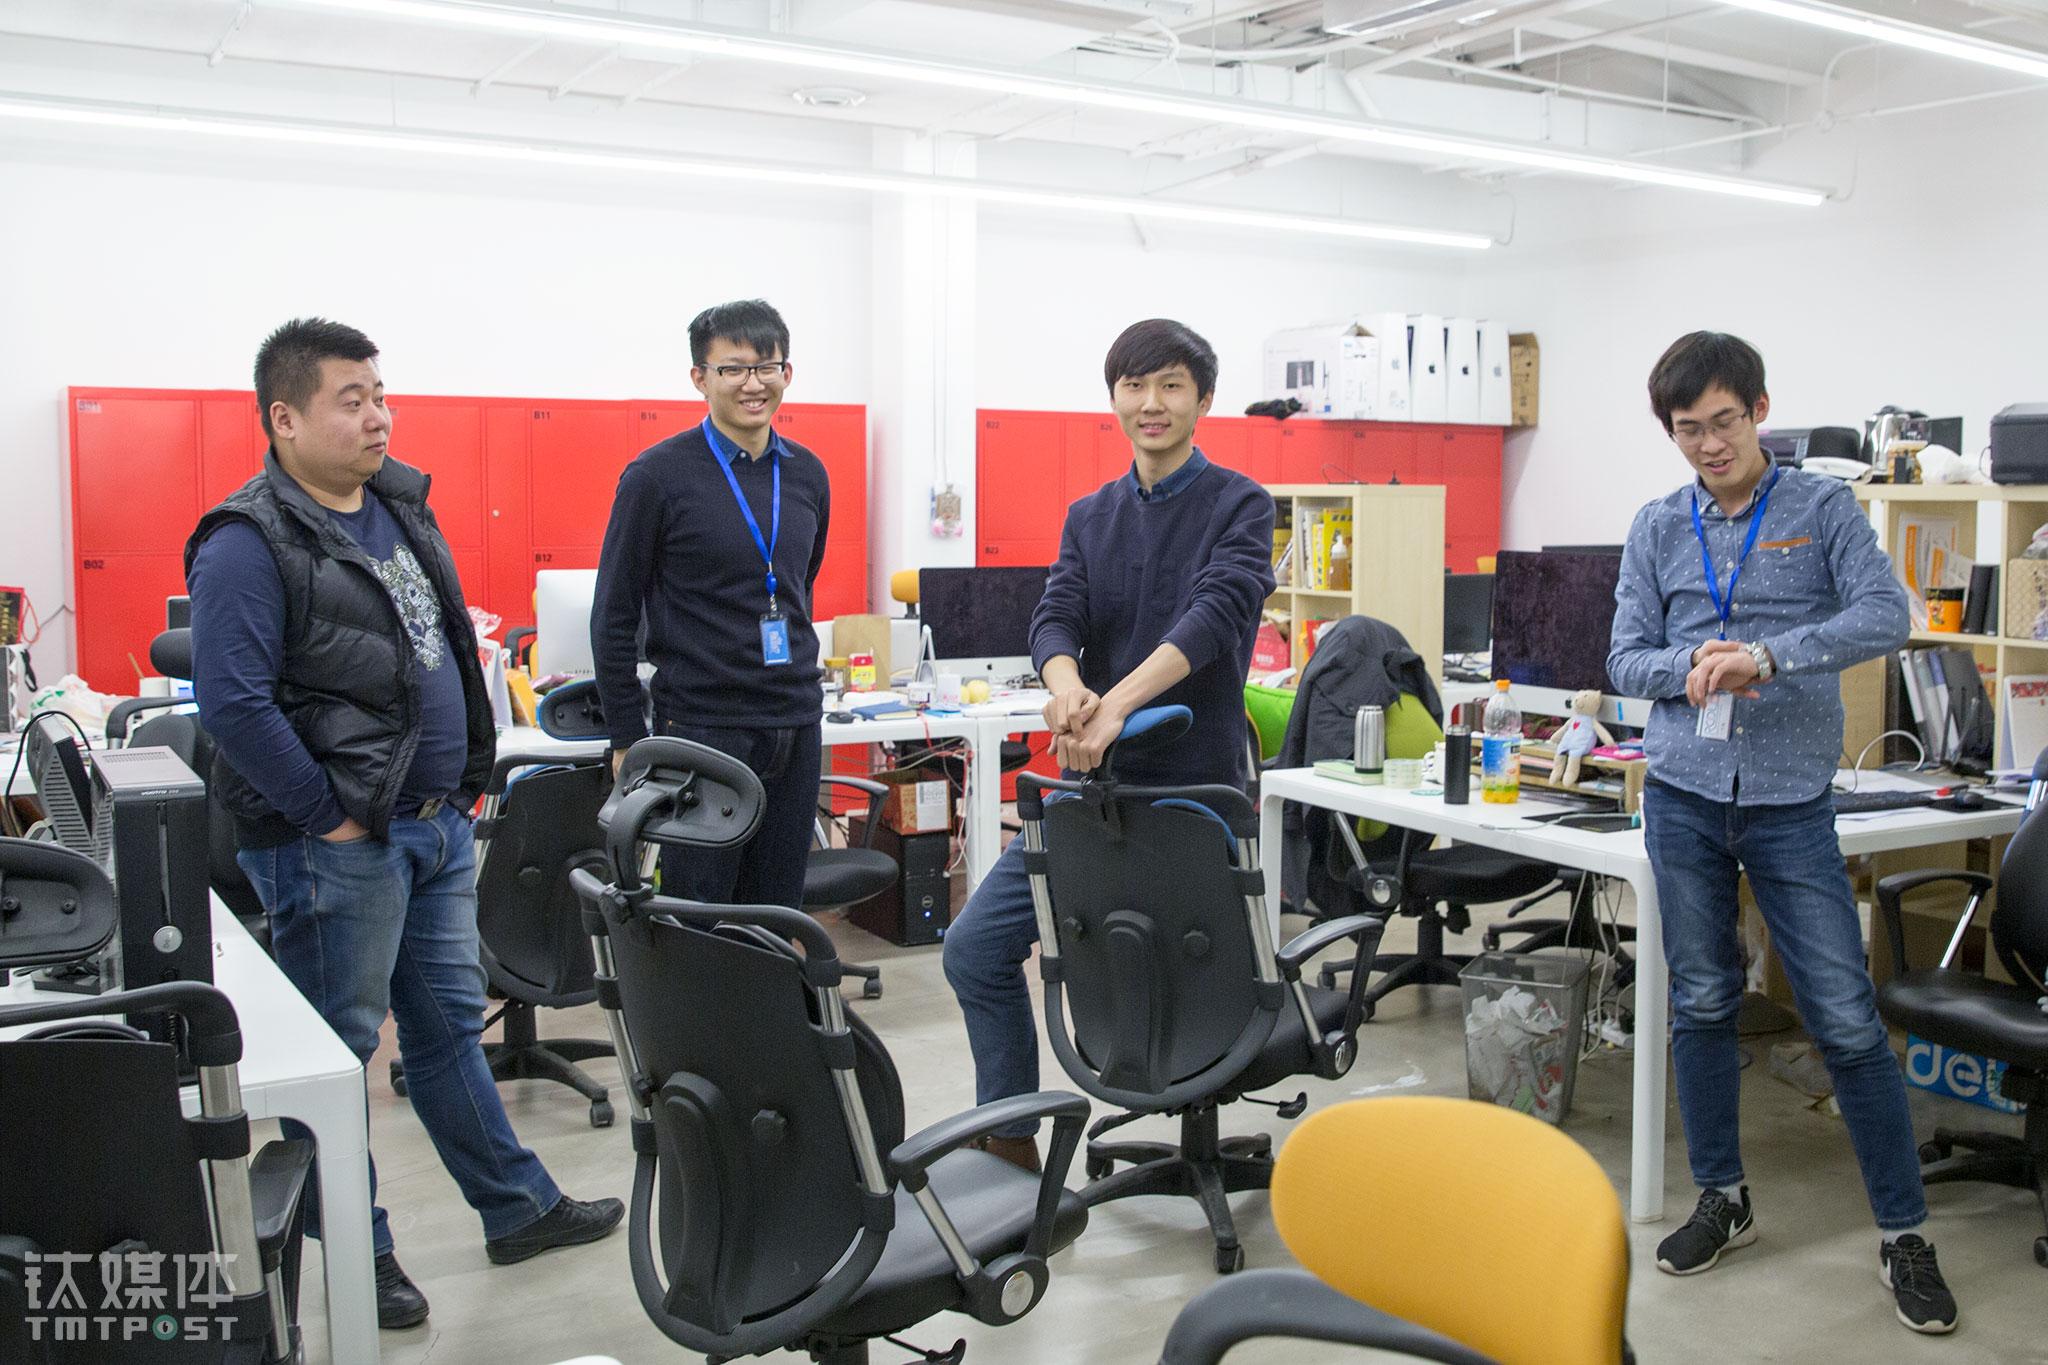 2016年3月2日晚,北京,创意设计服务平台创客贴4名创始成员在办公室。这个团队当时有14个人,都是90后,每个人都是公司股东。钛媒体《在线》创业路上夜归人一期中,创始人王宝臣说,只有拼,只有做得比别人多,才有机会活下去。